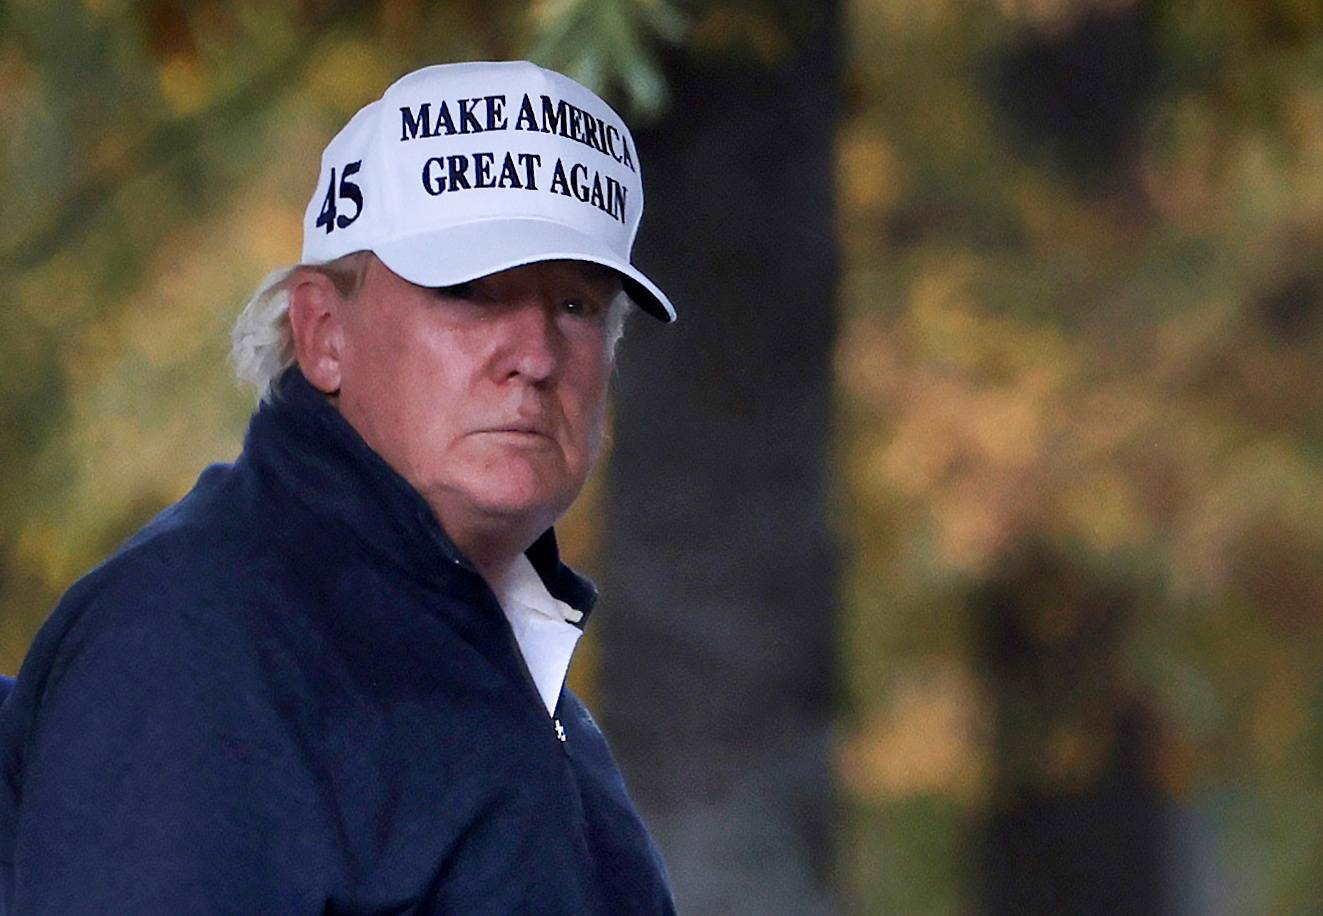 Трамп запустив власну інтернет-платформу